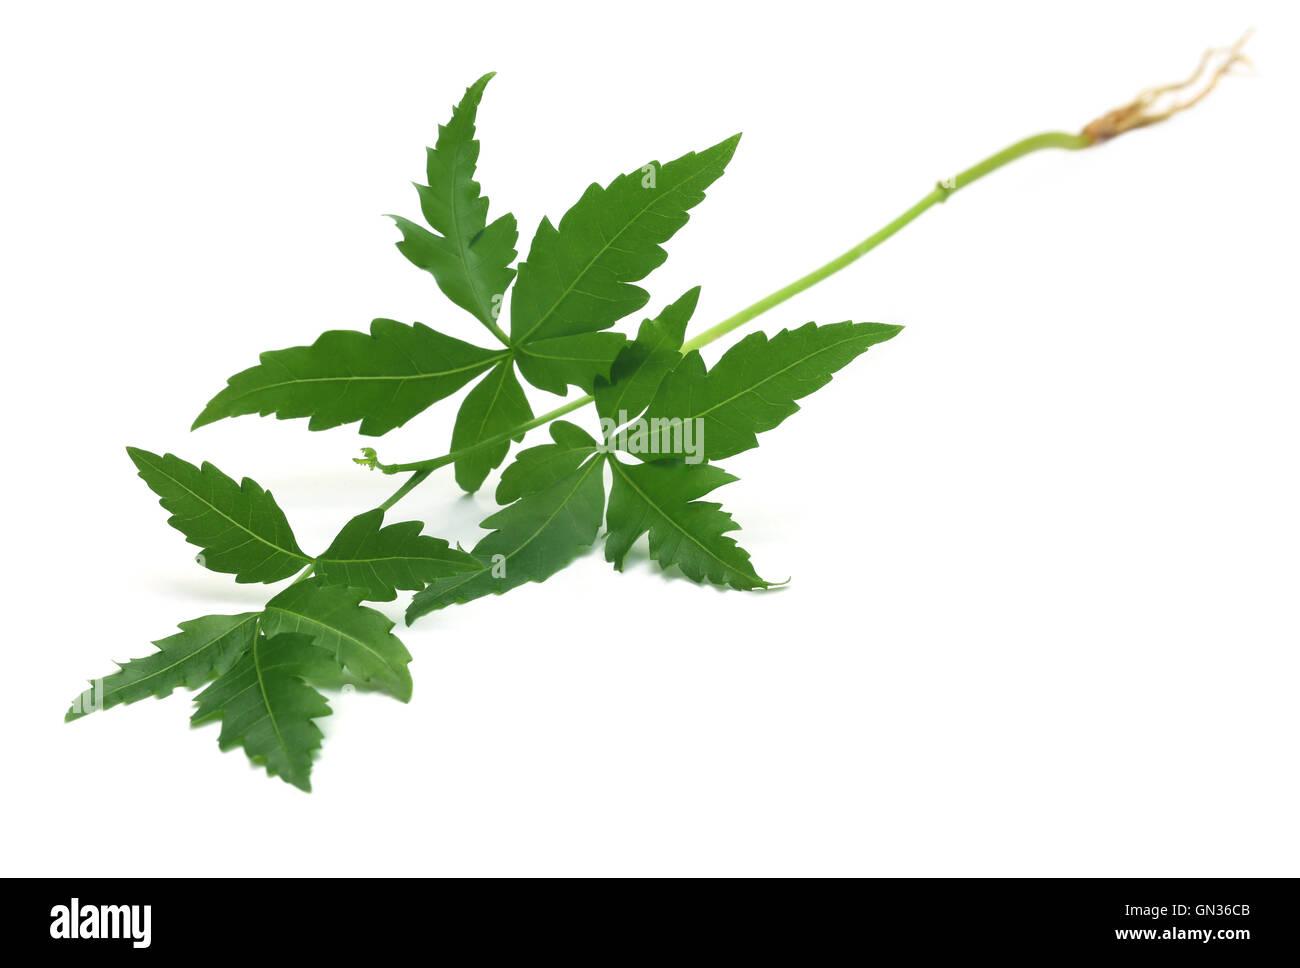 Licitación de plantas medicinales neem sobre fondo blanco. Imagen De Stock